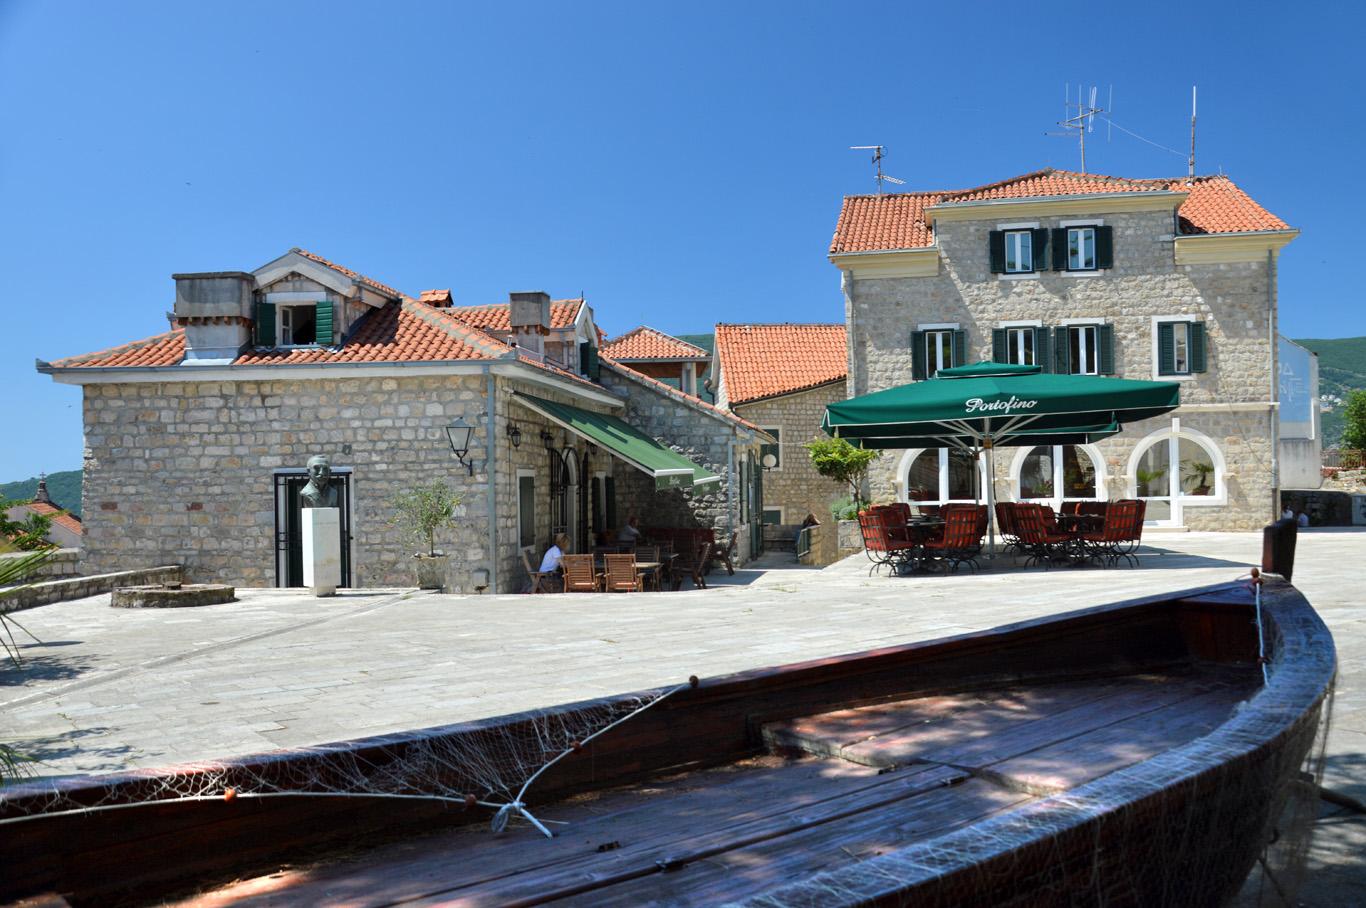 A boat in Herceg Novi Old Town